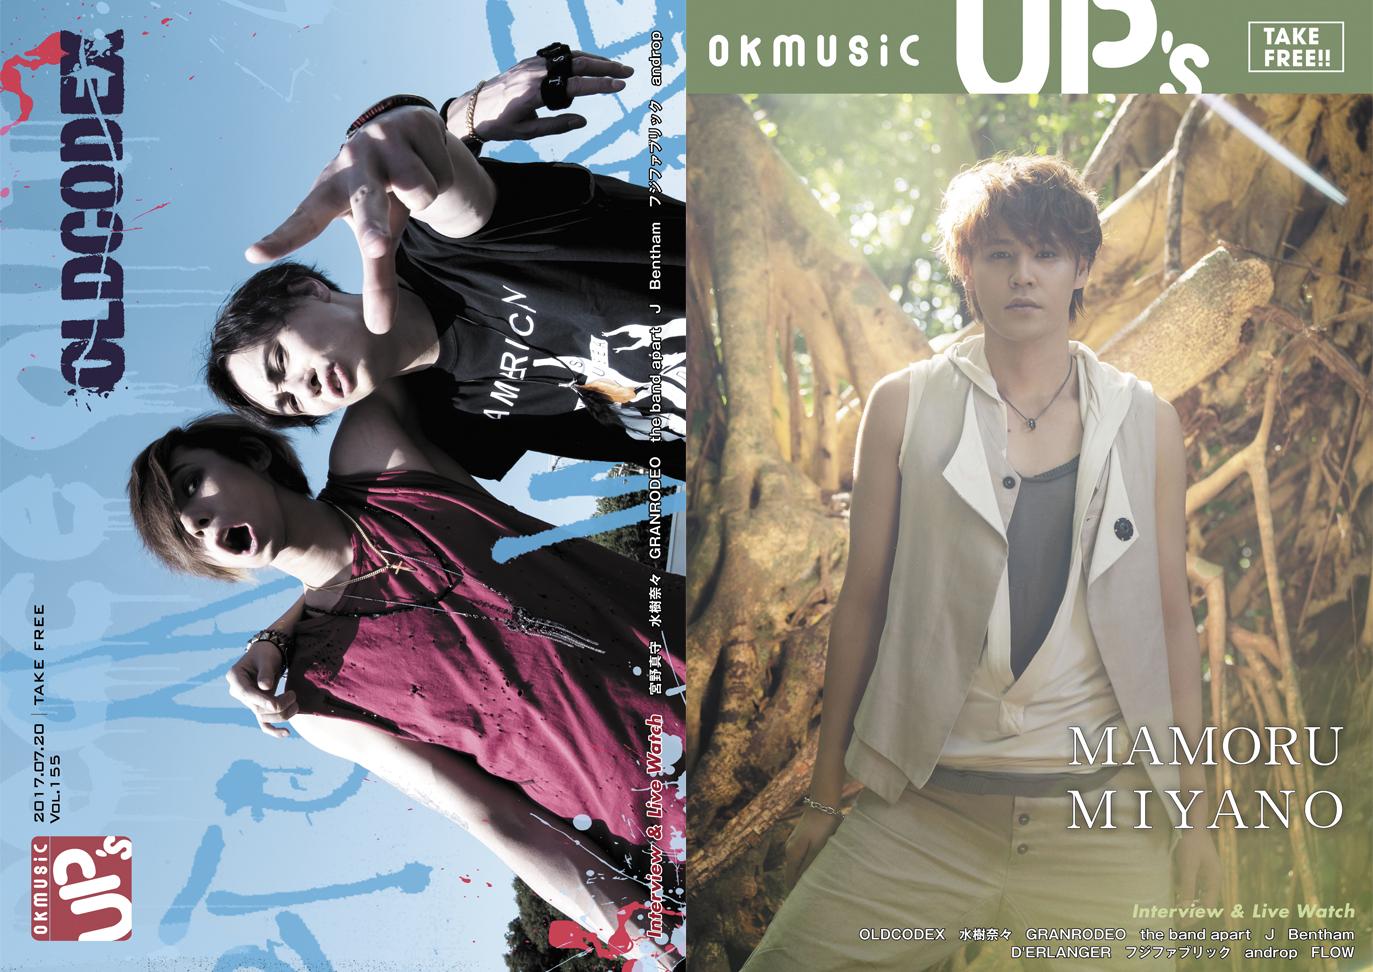 Single CD「バンドマンと彼女」発売にあたって音楽情報誌「okmusic UP's」にインタビュー記事が掲載されました。